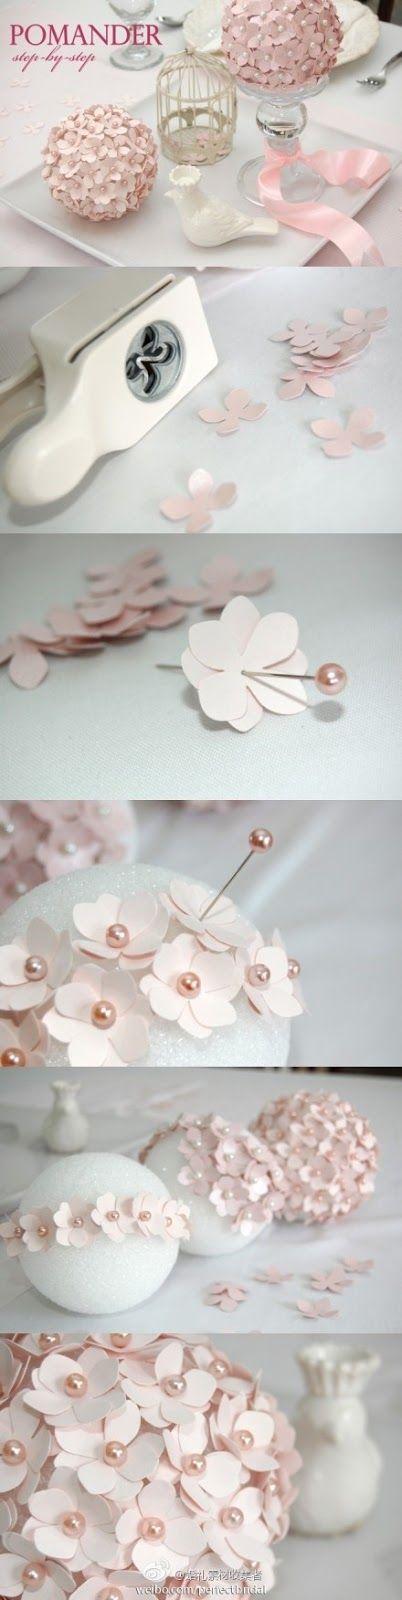 * Decoração e Invenção *: Bola decorada com florzinhas